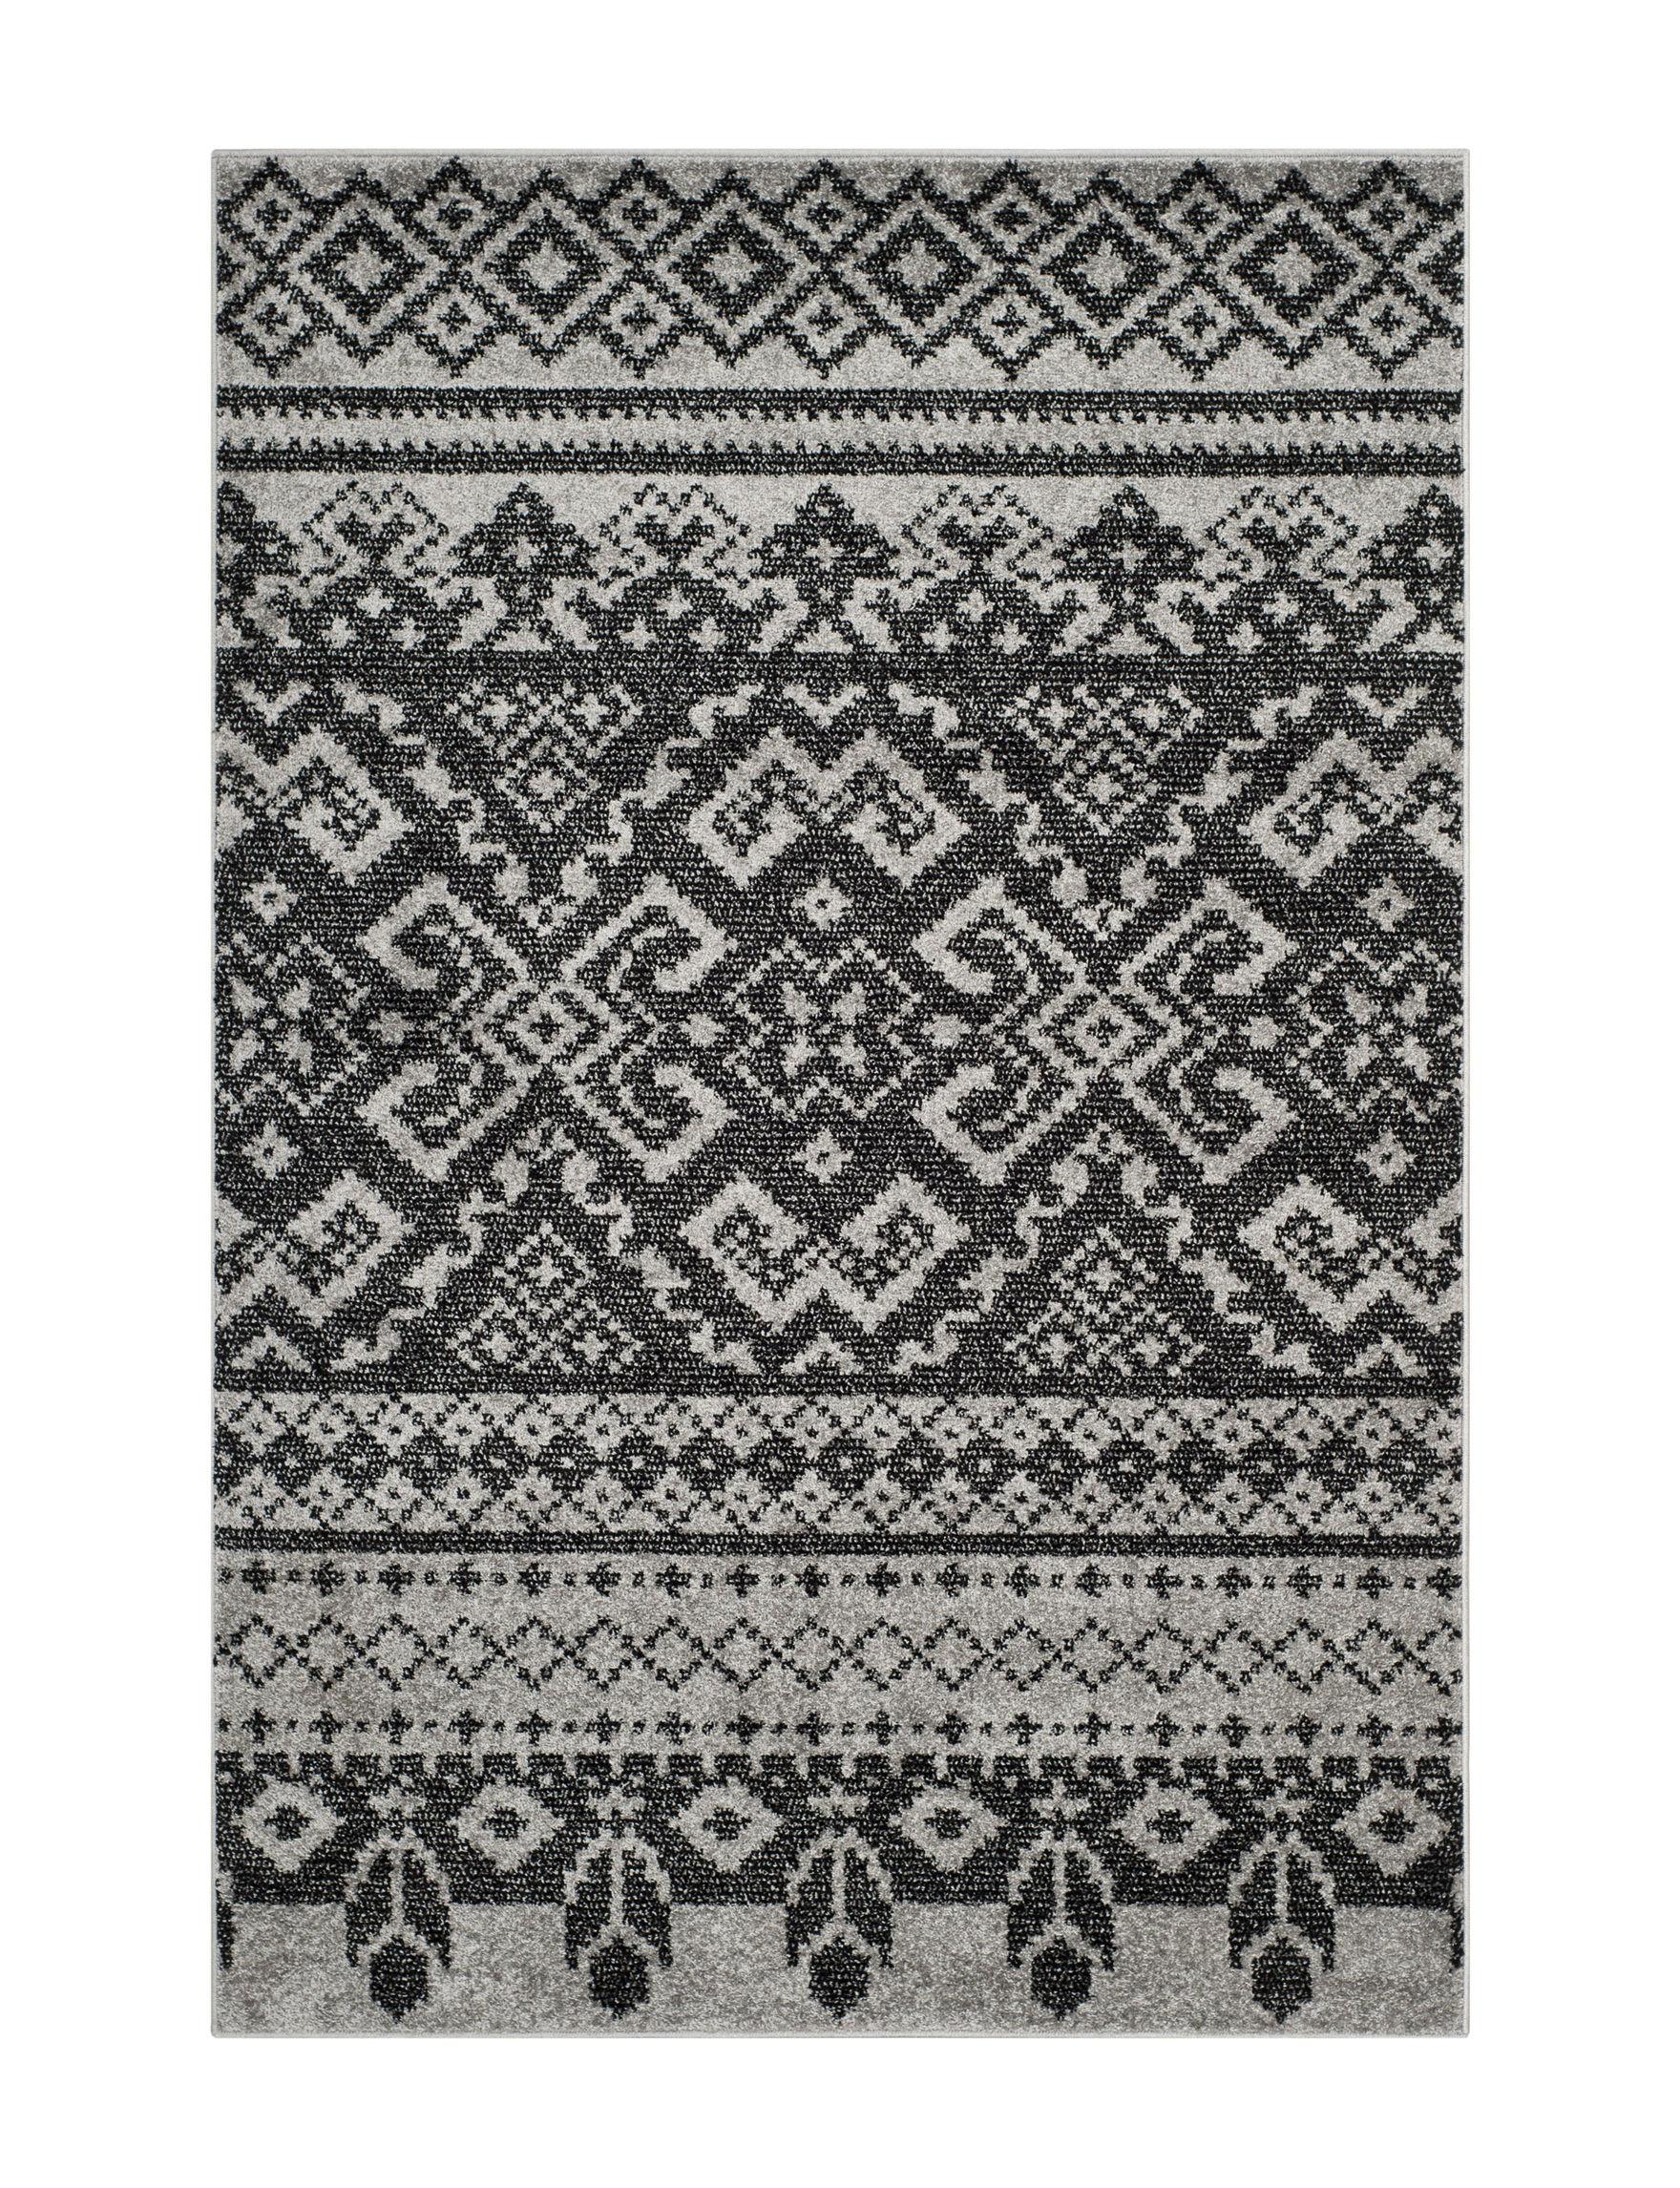 Safavieh Silver / Black Area Rugs Rugs